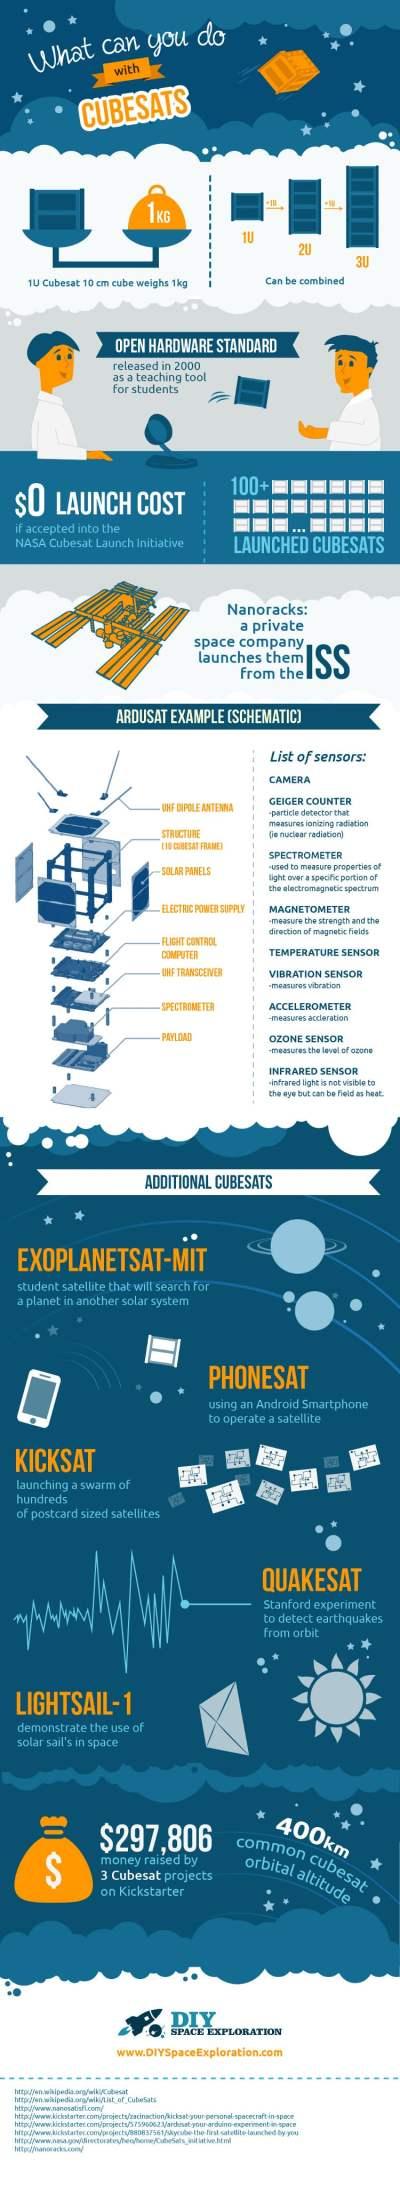 Infographie expliquant les cubesats (source www.diyspaceexploration.com)